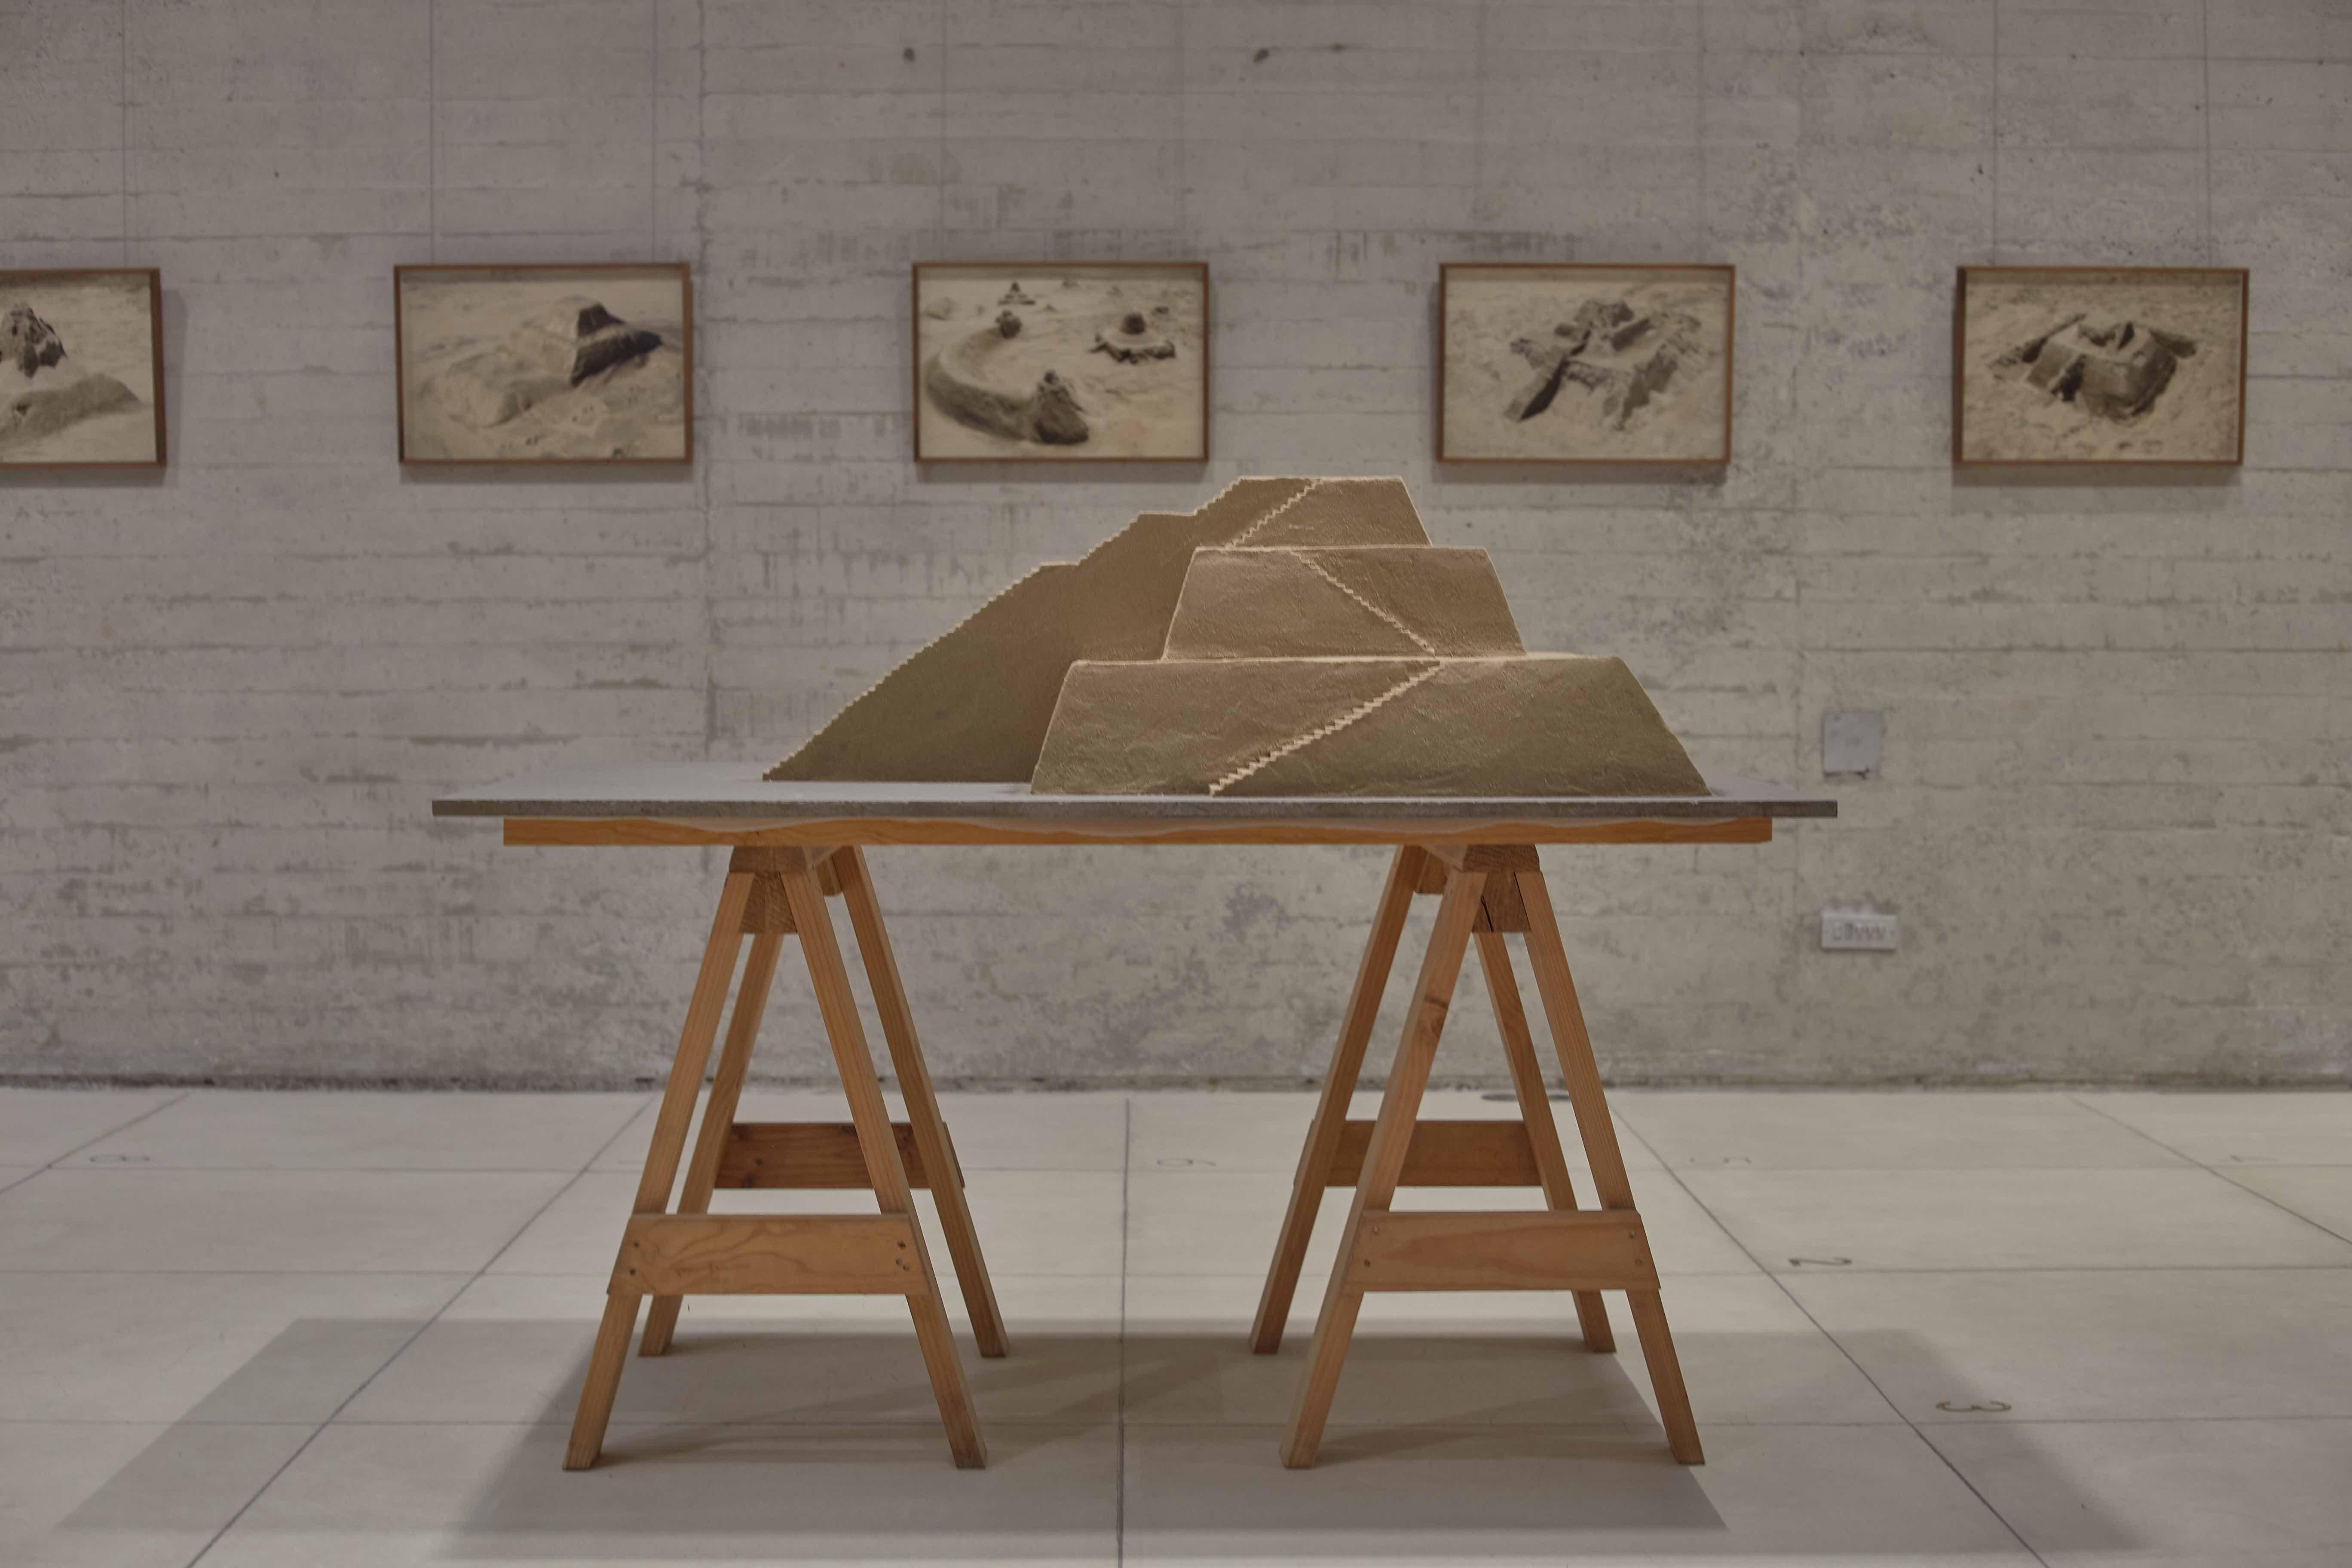 Vista de la exposición de Diego Pérez, Historia de arena, 2020, Galería RGR. Cortesía de Galería RGR